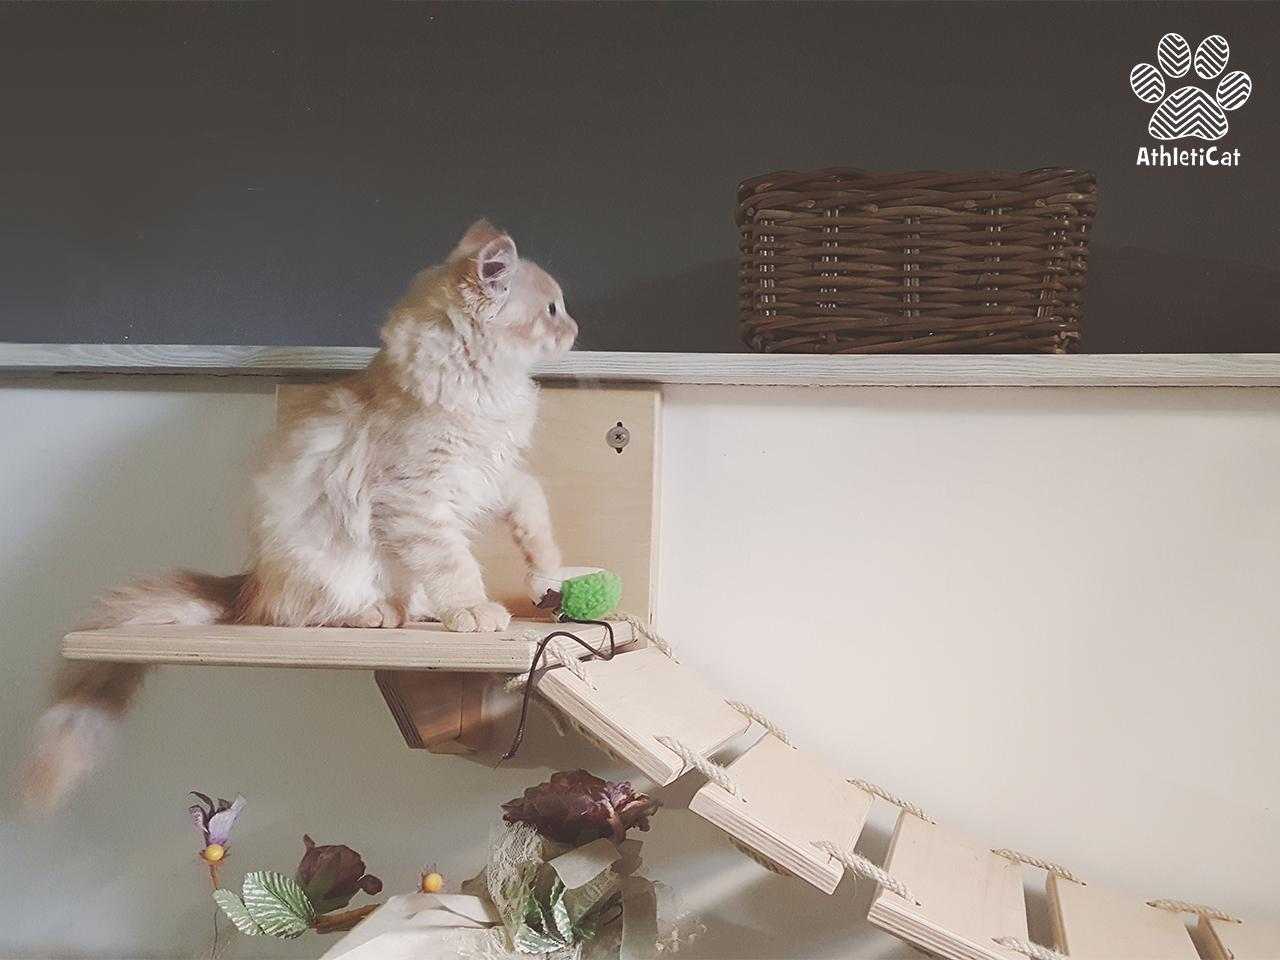 Arredamento-per-gatti-athleticat-1